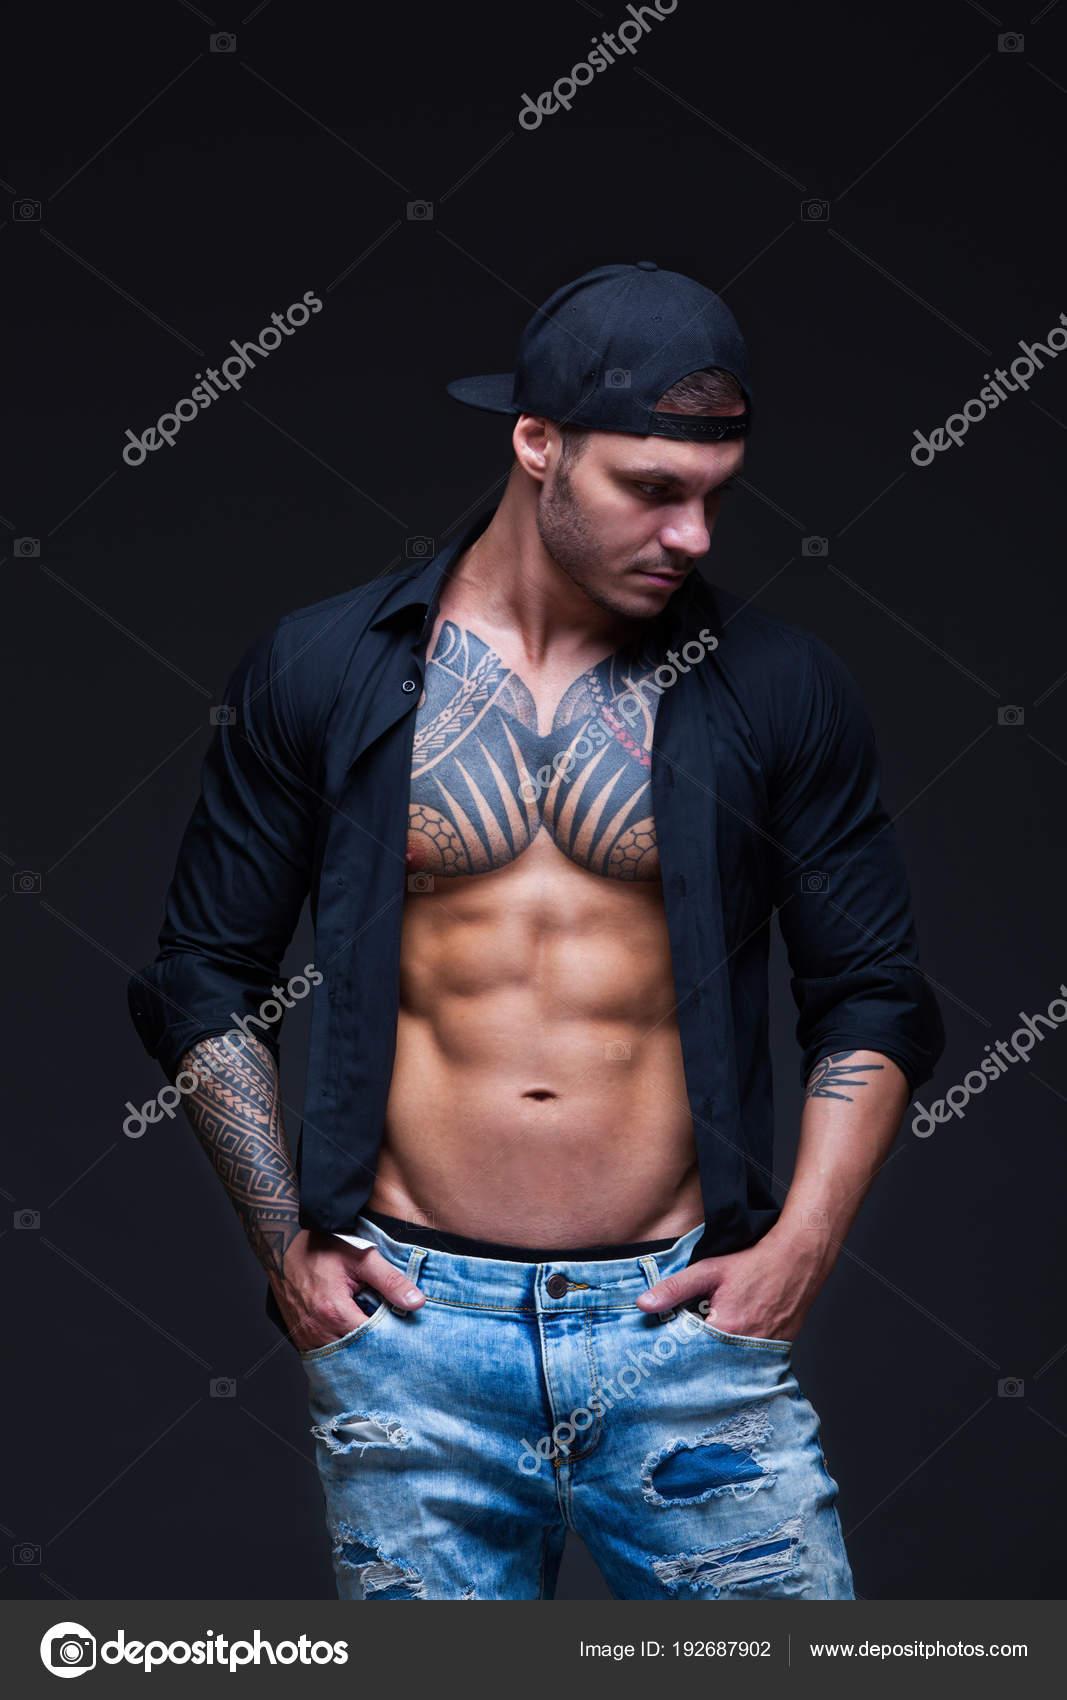 fd1b51040ce8 El hombre vestido con blue jeans, camisa negra y gorra de béisbol ...